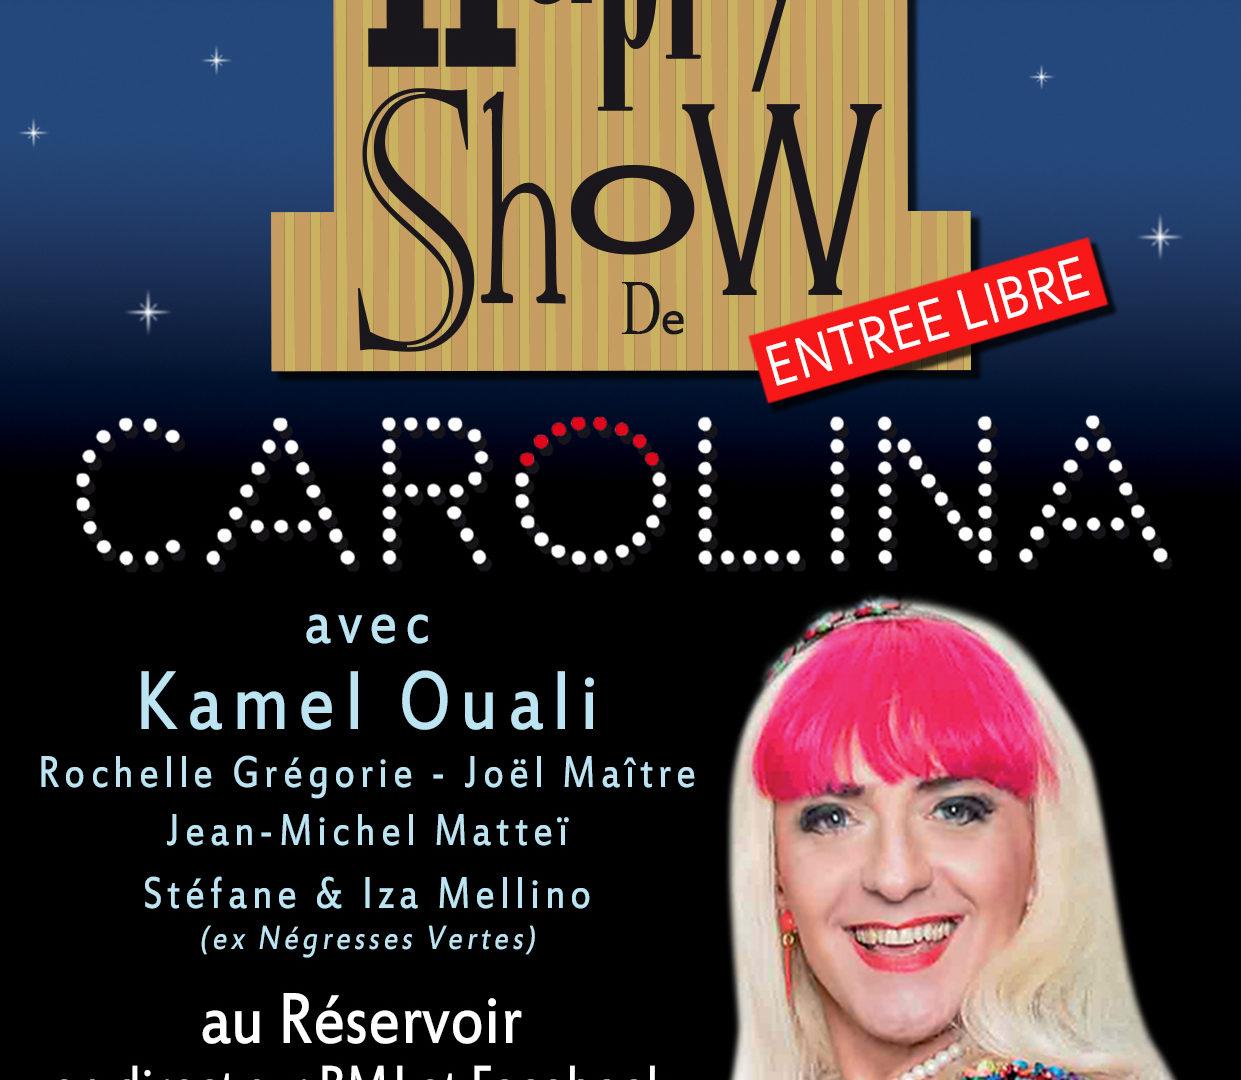 Évènement sur la liberté d'expression à Paris